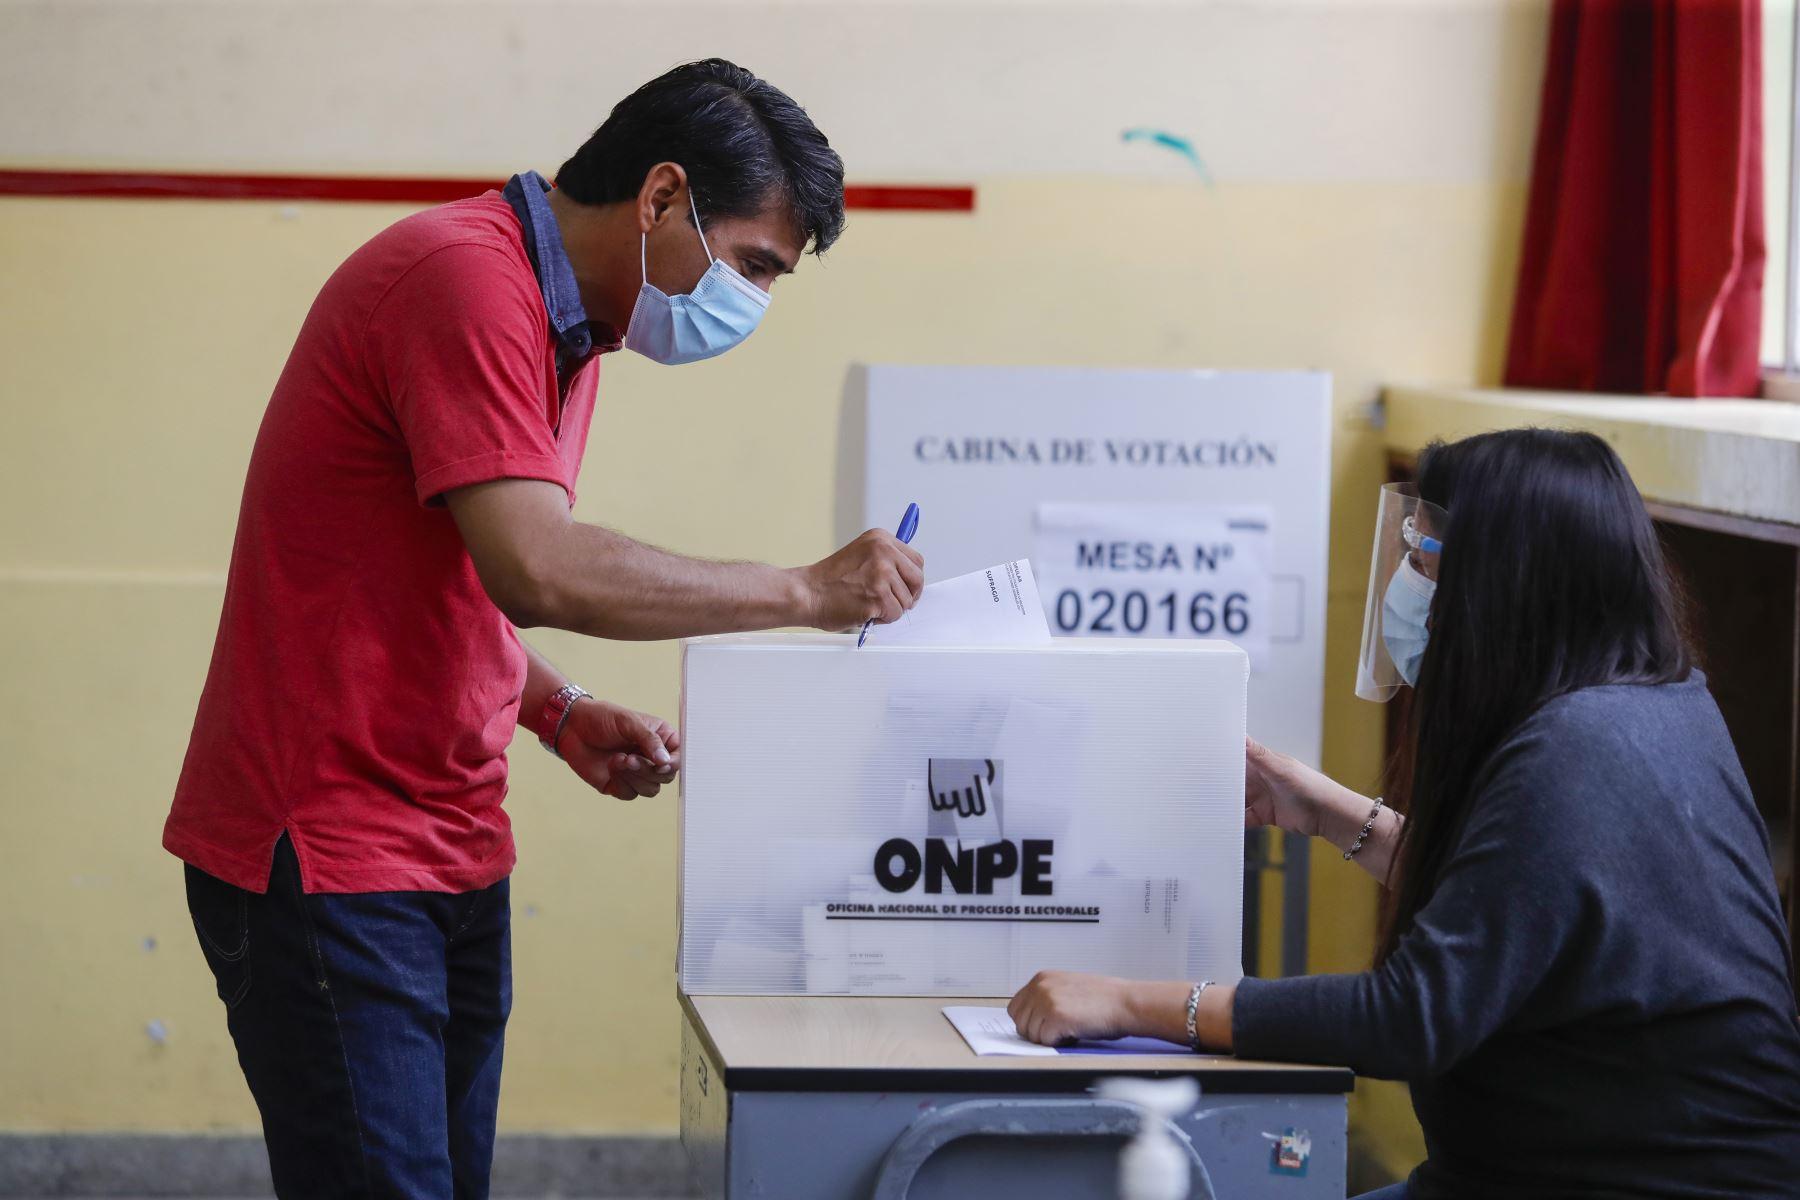 Domingo de elecciones en Suramérica: Bolivia, Perú y Ecuador reconfiguran sus escenarios políticos